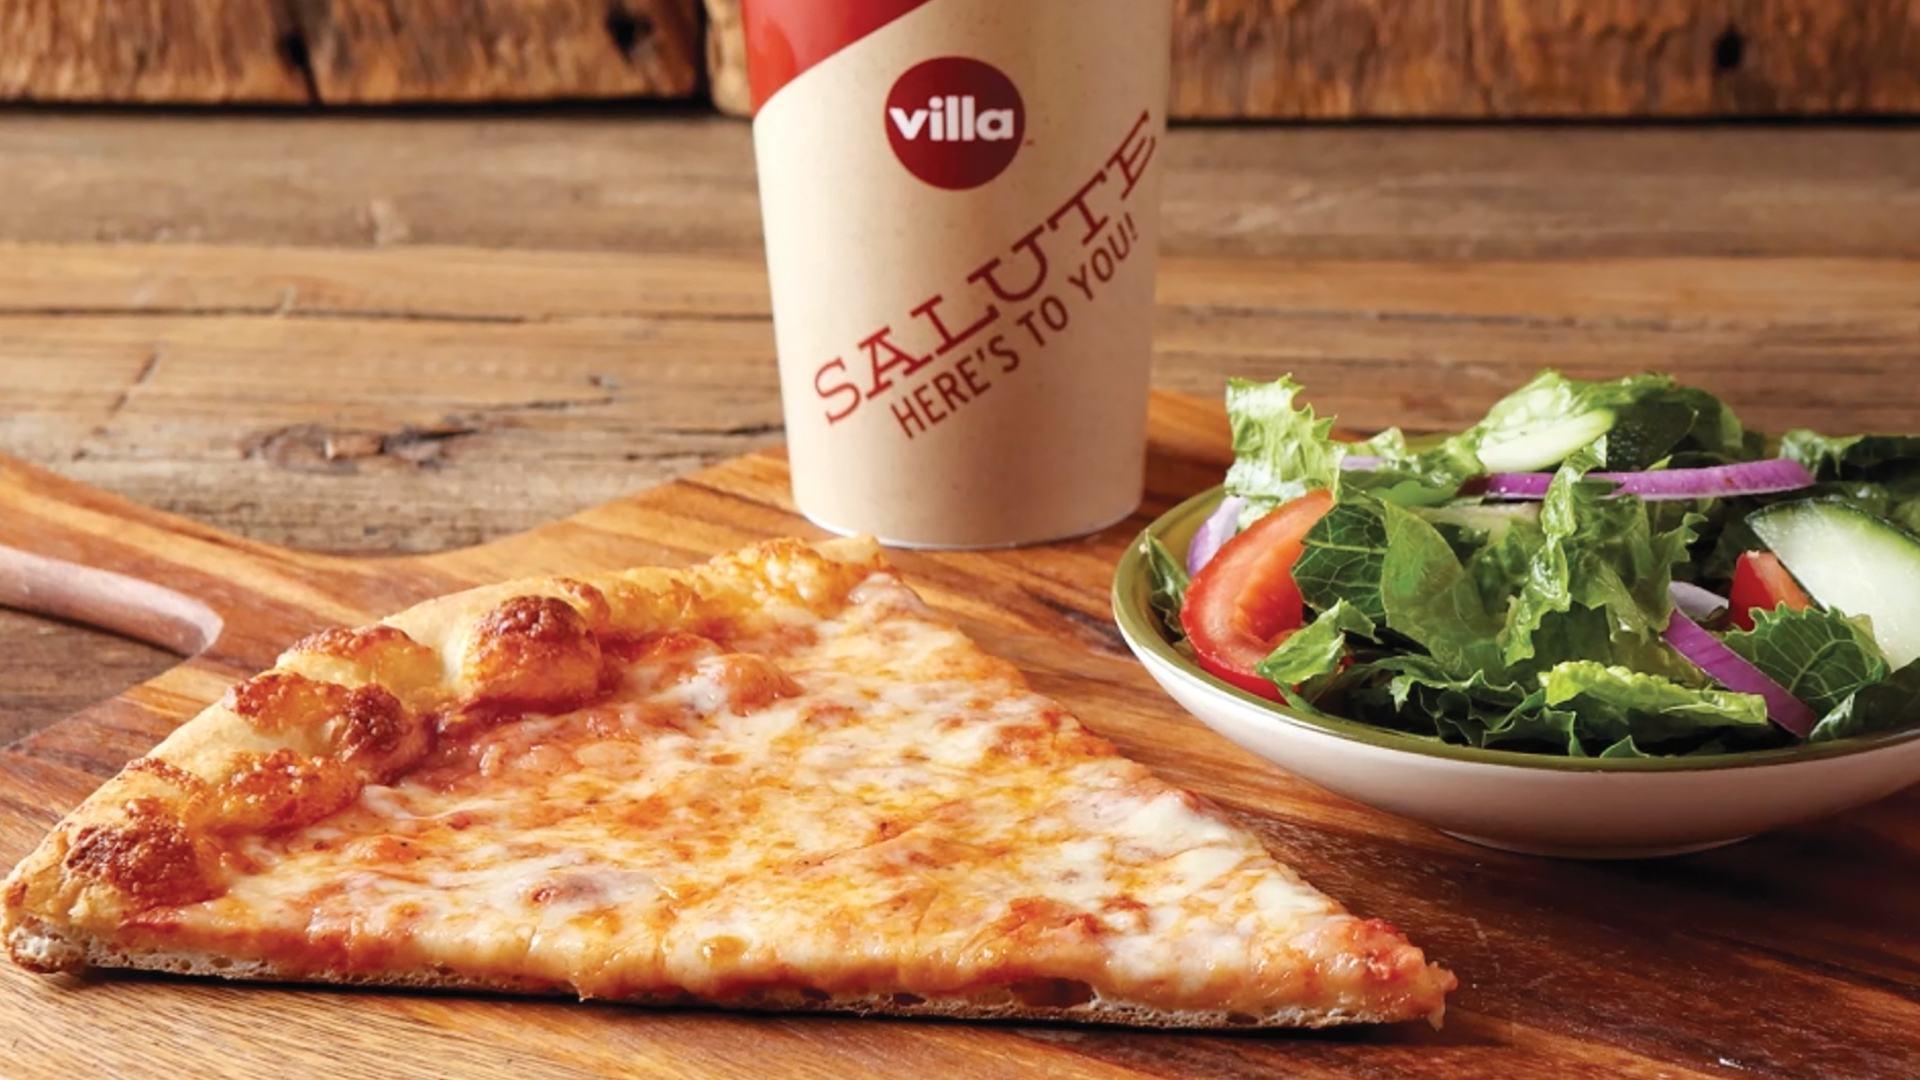 villa fresh italian kitchen - Villa Italian Kitchen